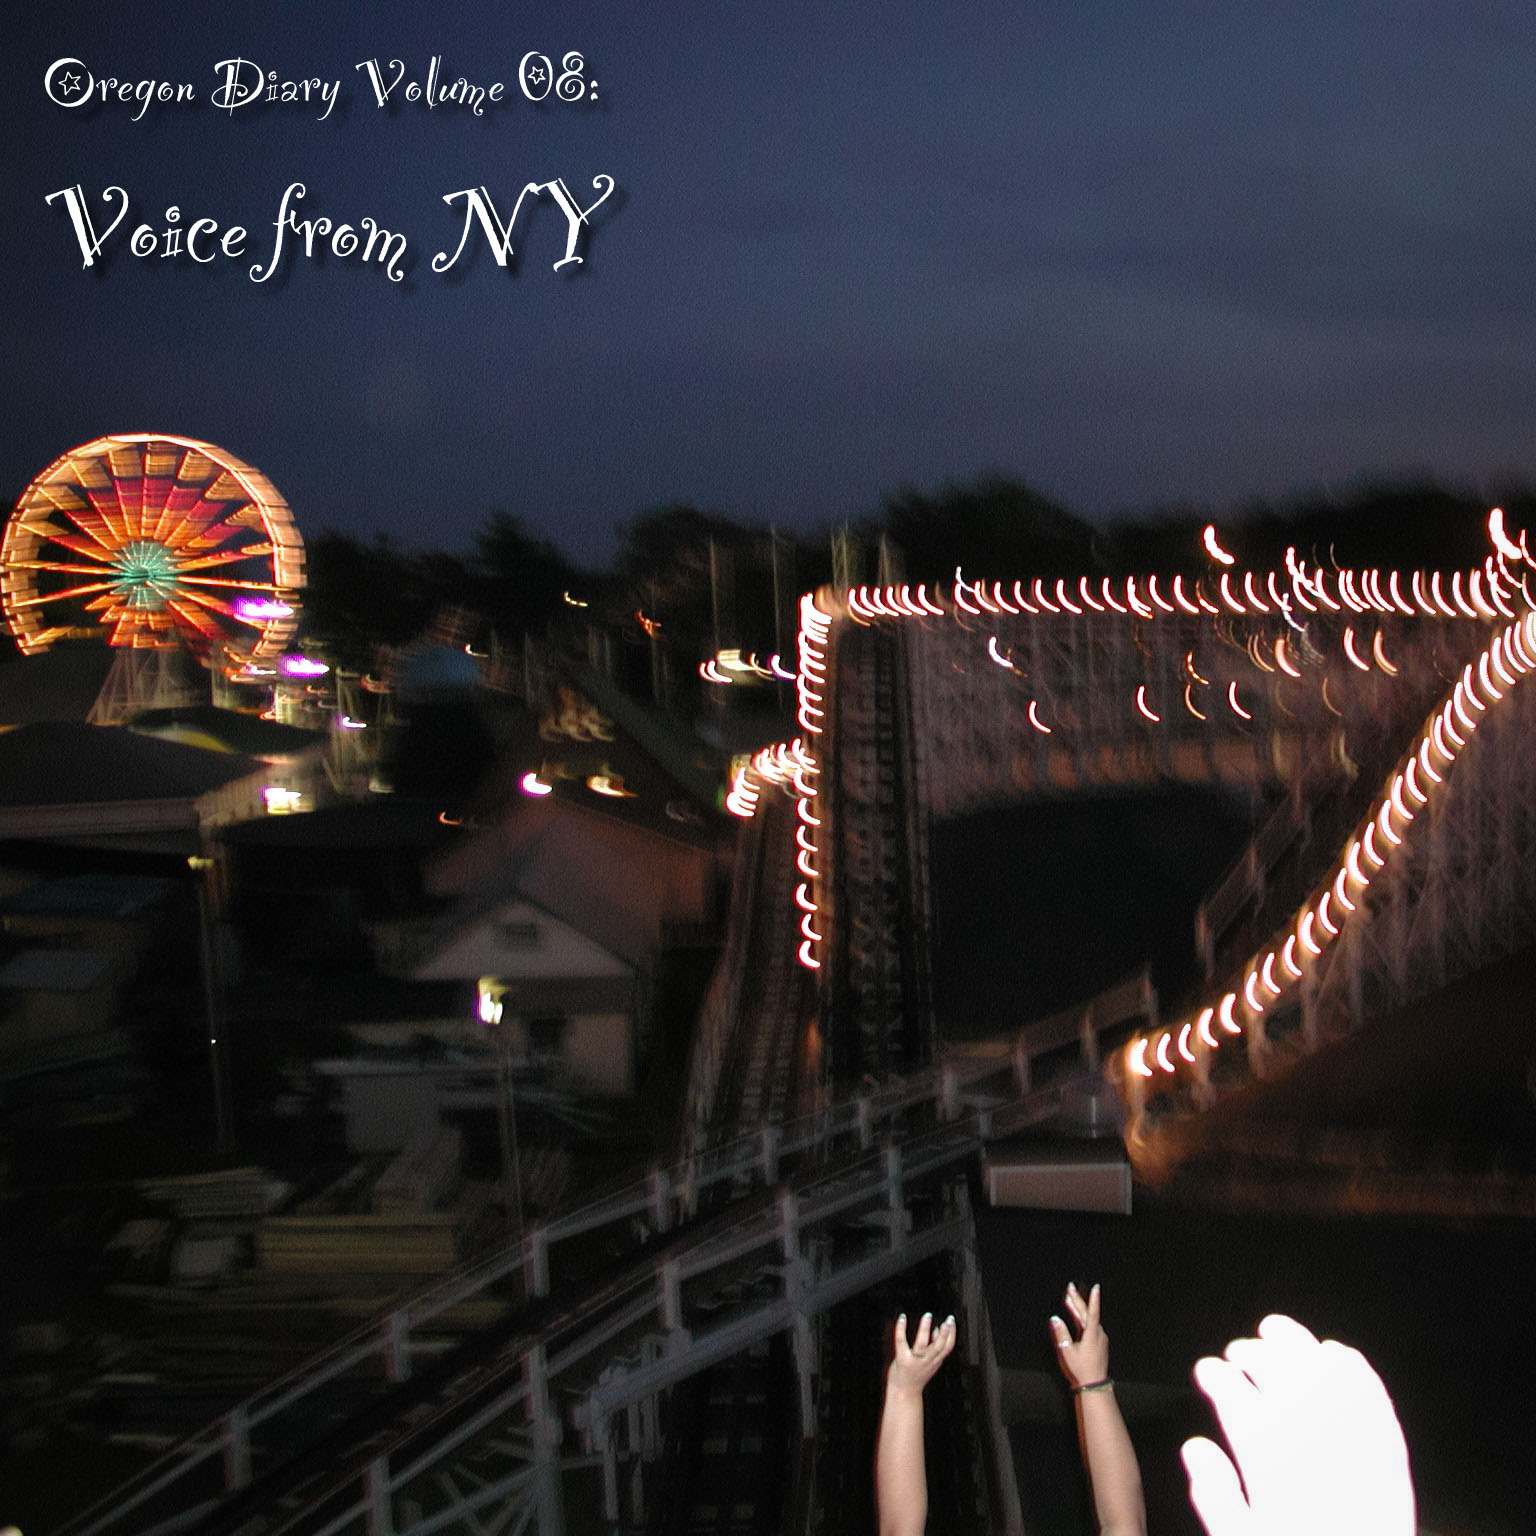 Oregon Diary Volume 08: Voice From NY